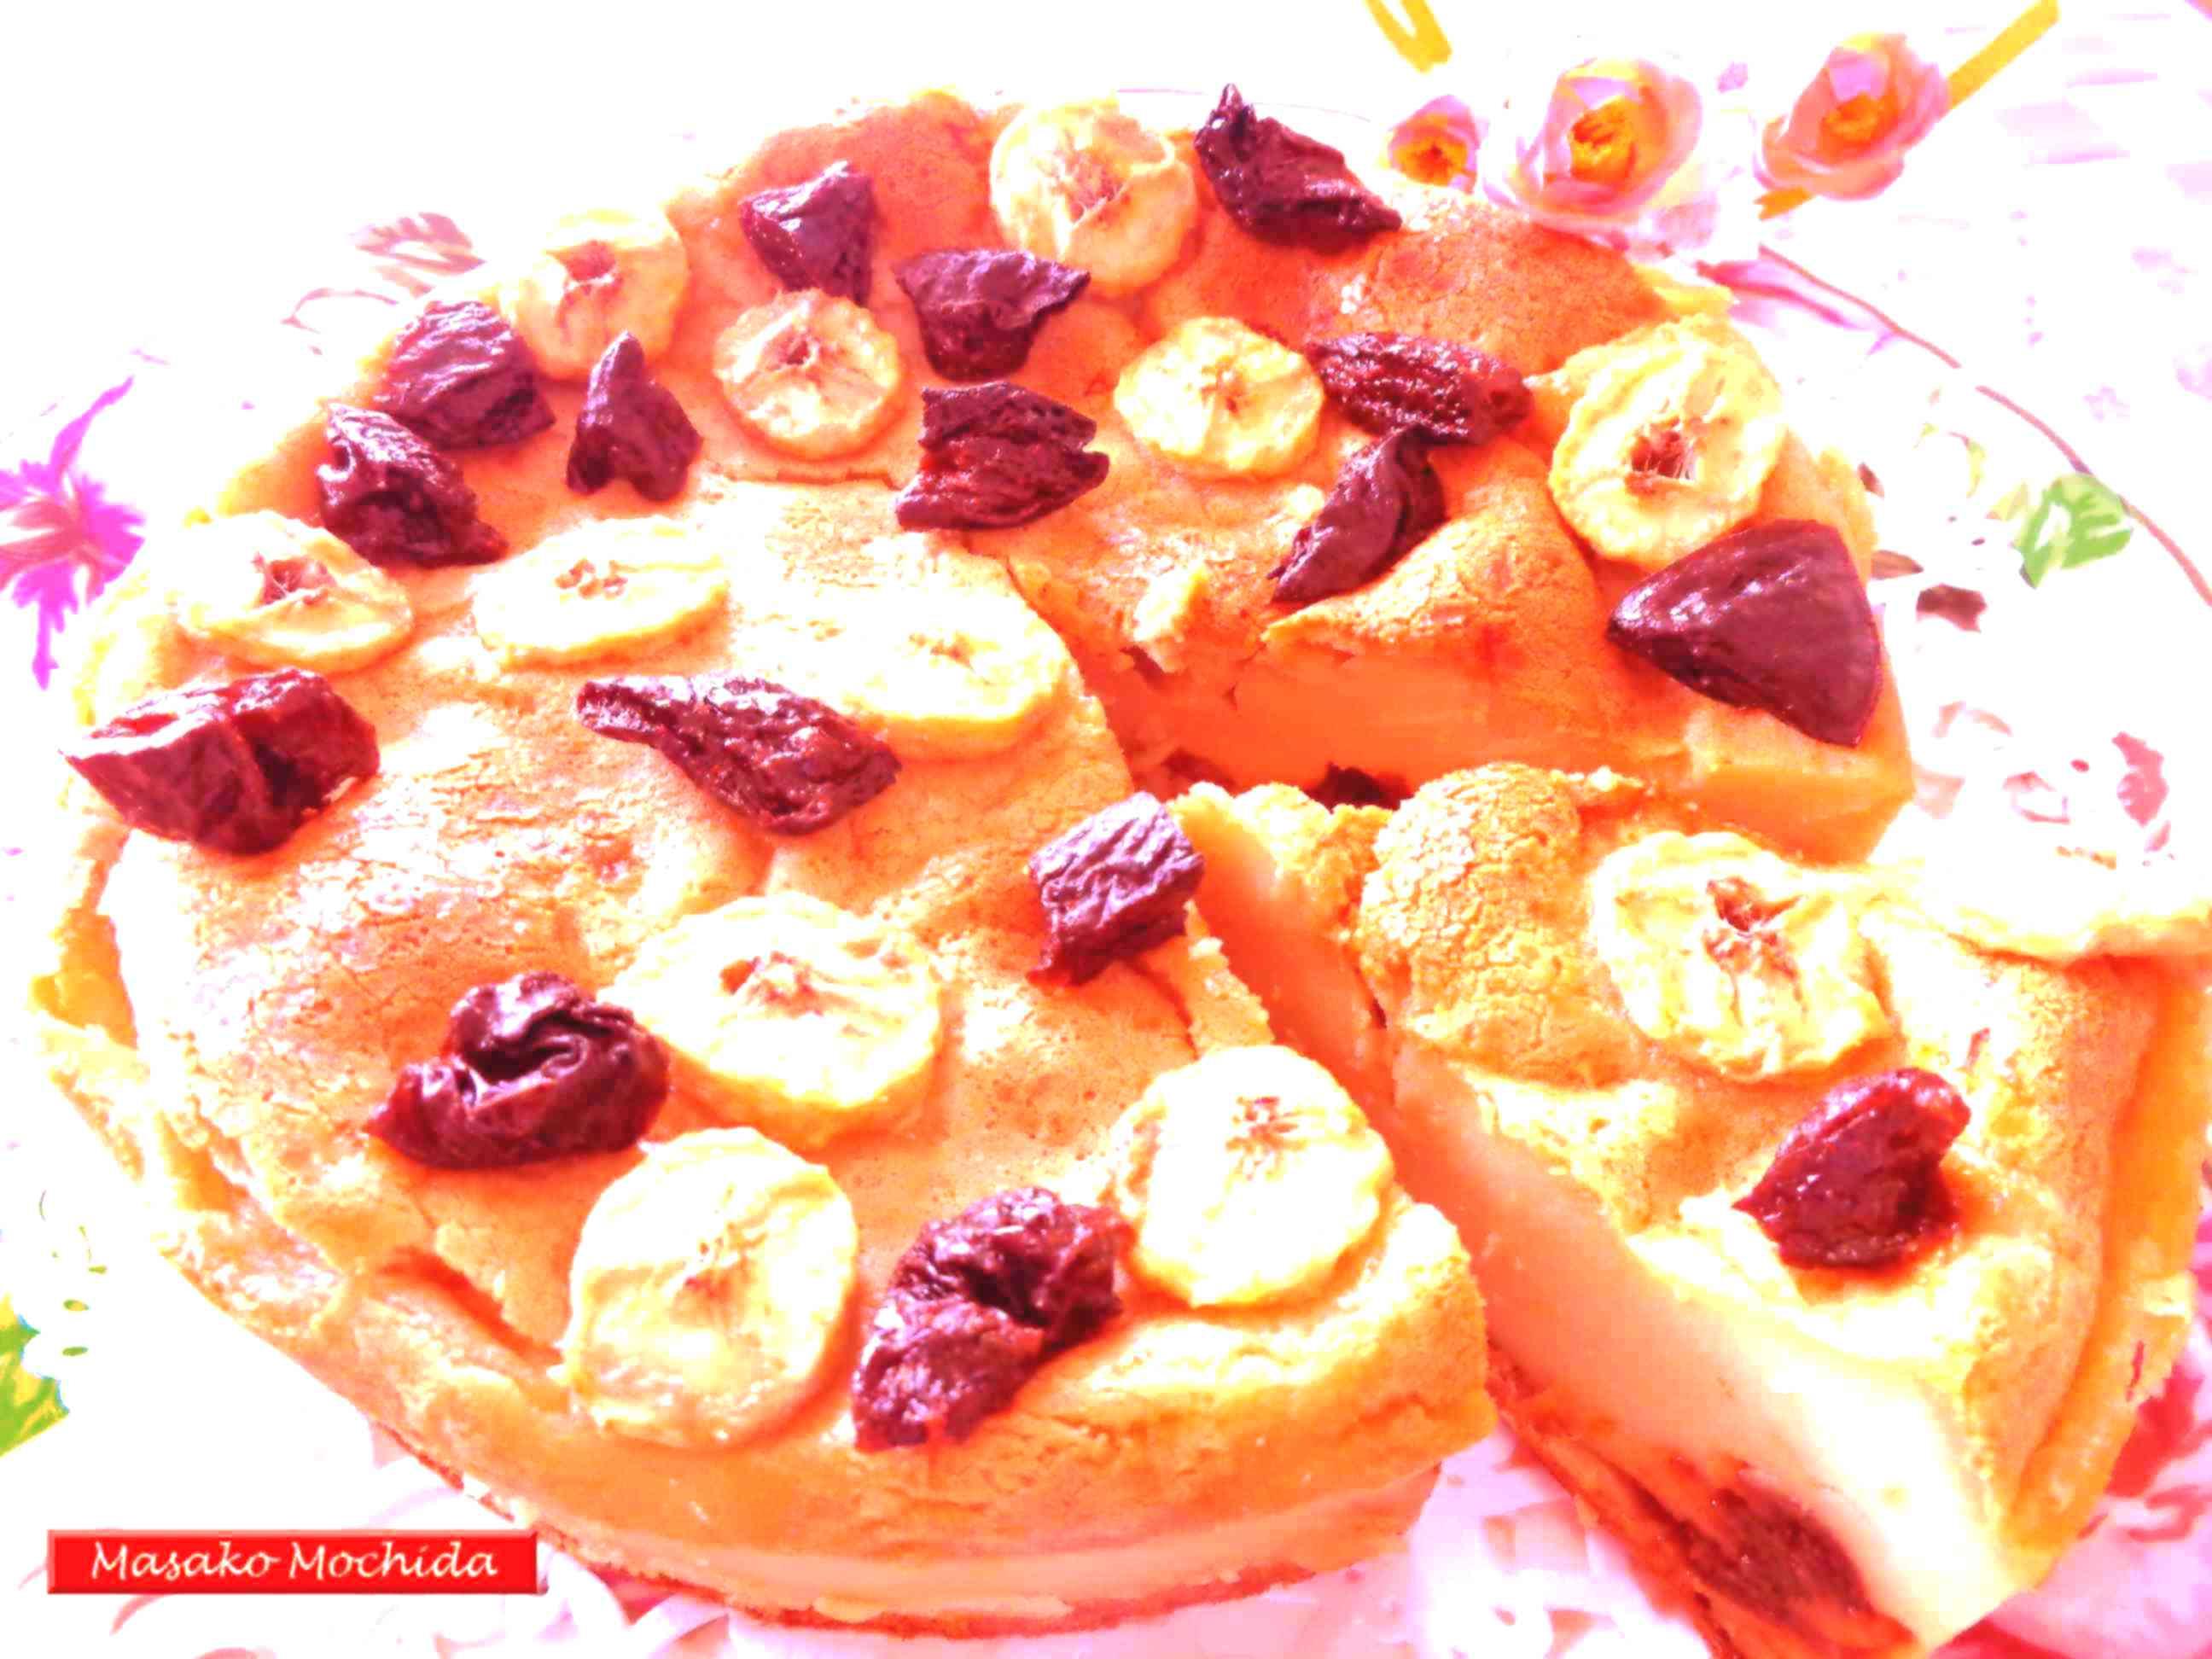 ◆モッチーママの大和薬膳レシピ 第70回「疲労を回復するアールグレイ風味のファーブルトン♪」